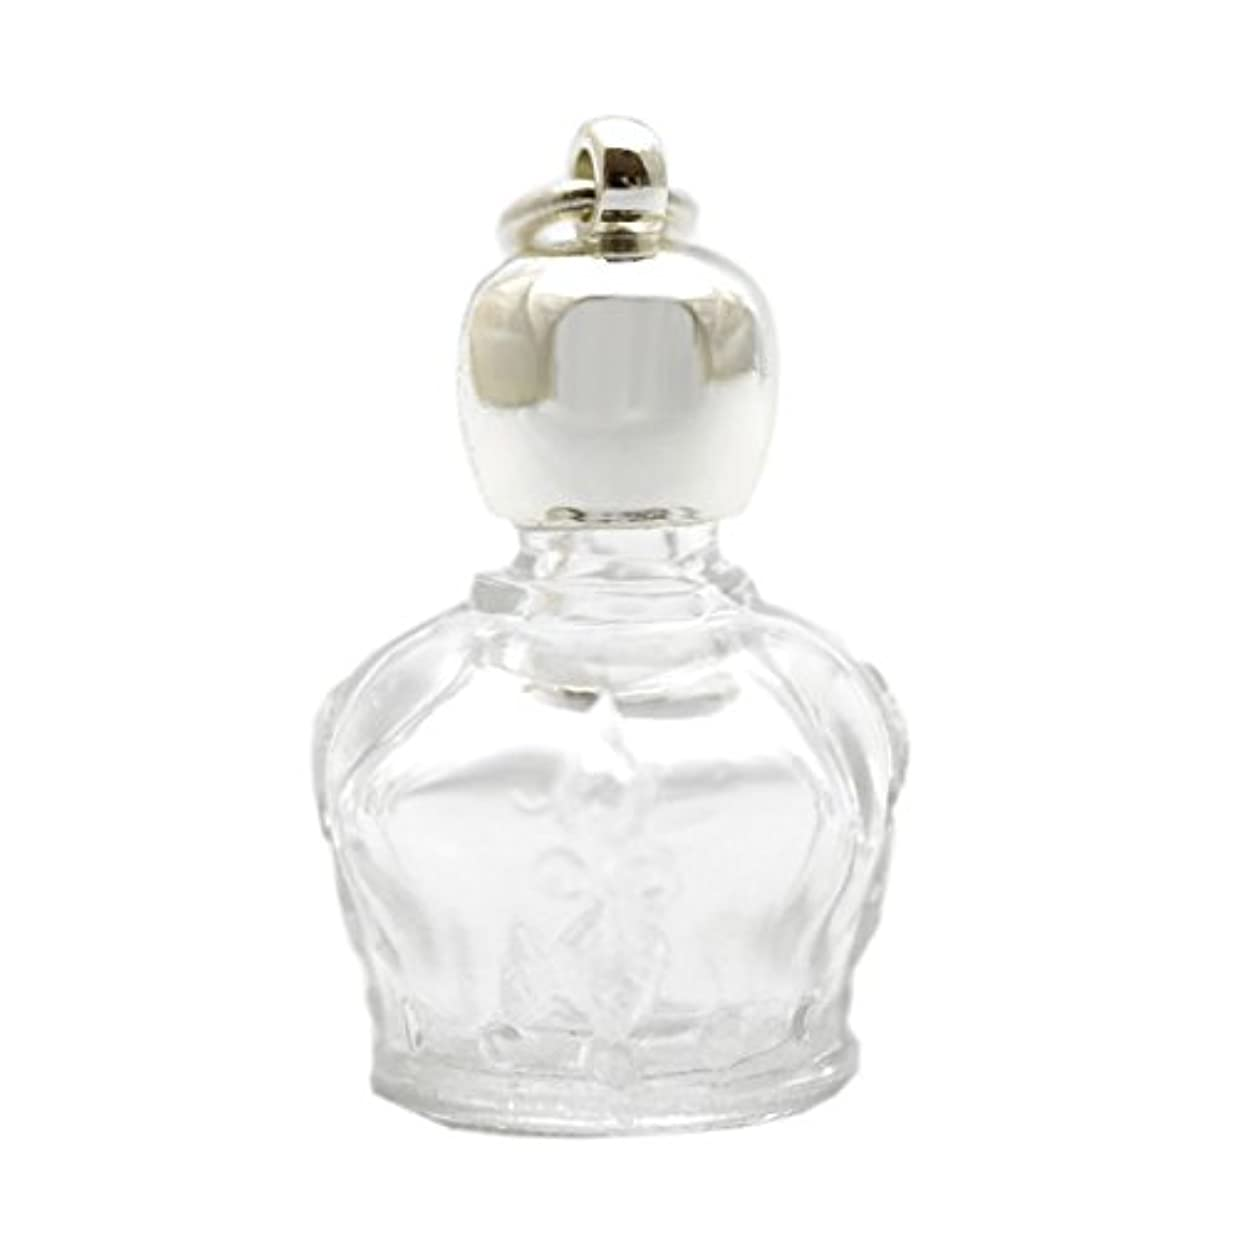 巧みなパパマークミニ香水瓶 アロマペンダントトップ 王冠型(透明)1ml?シルバー?穴あきキャップ、パッキン付属